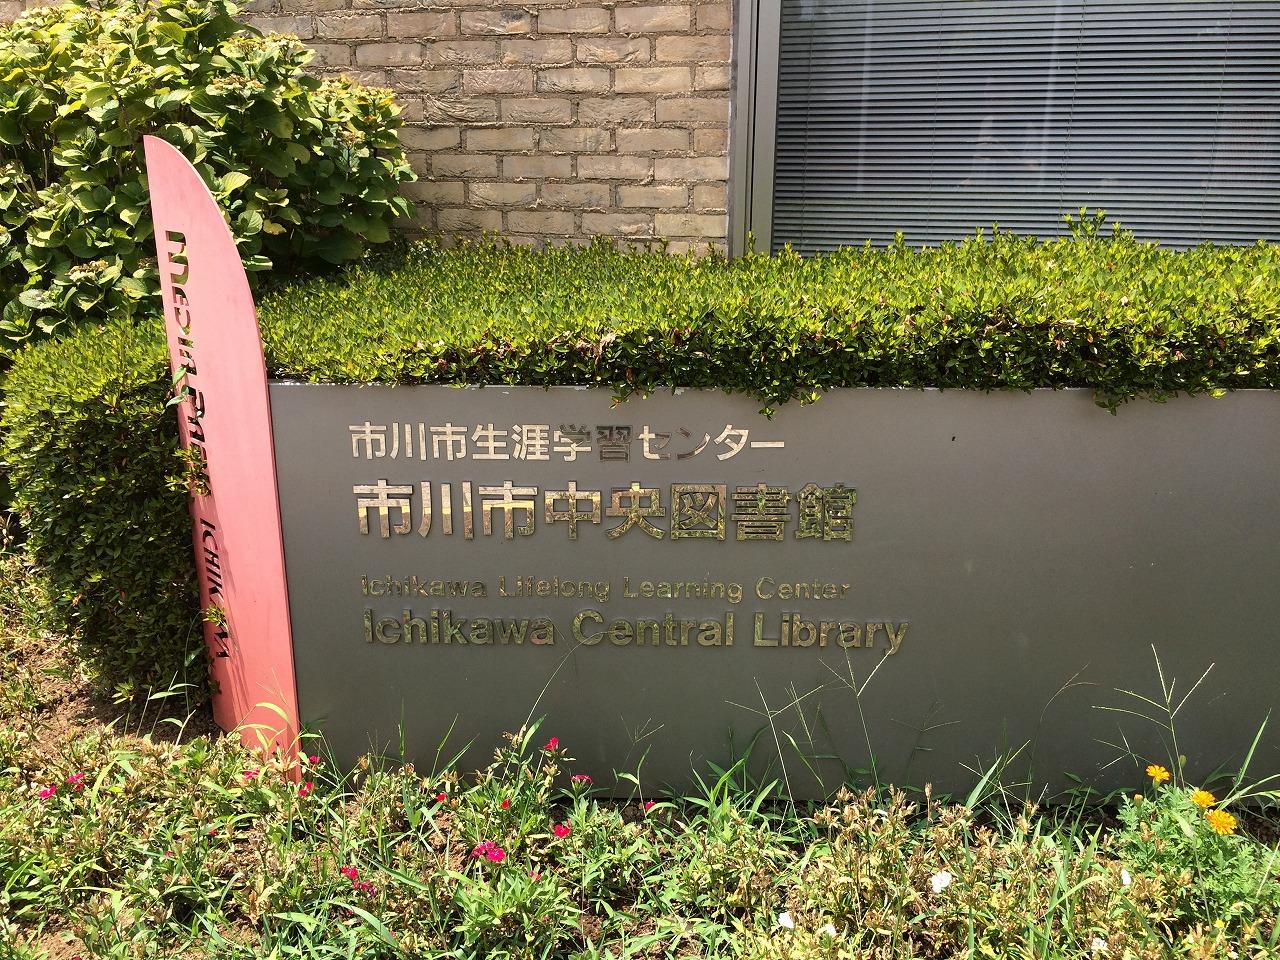 この日訪れた図書館